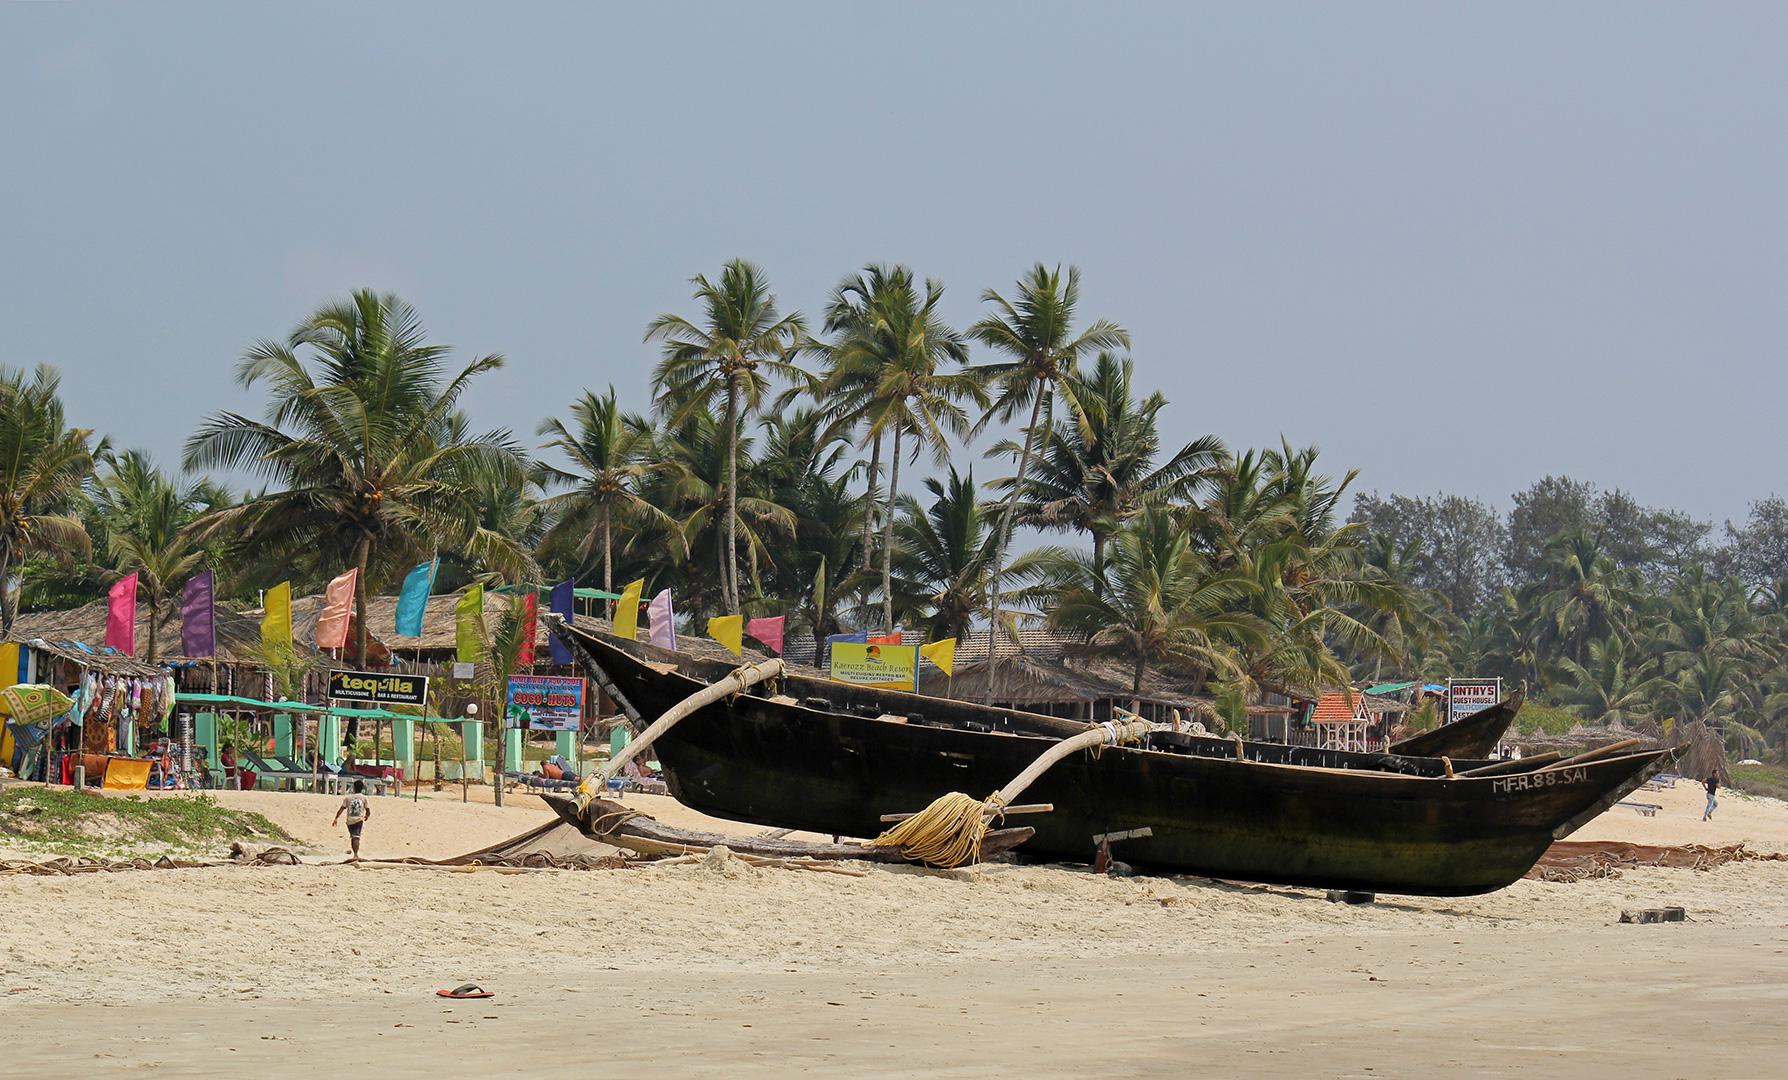 Индия, Гоа, март-апрель 2013 года (часть 1)